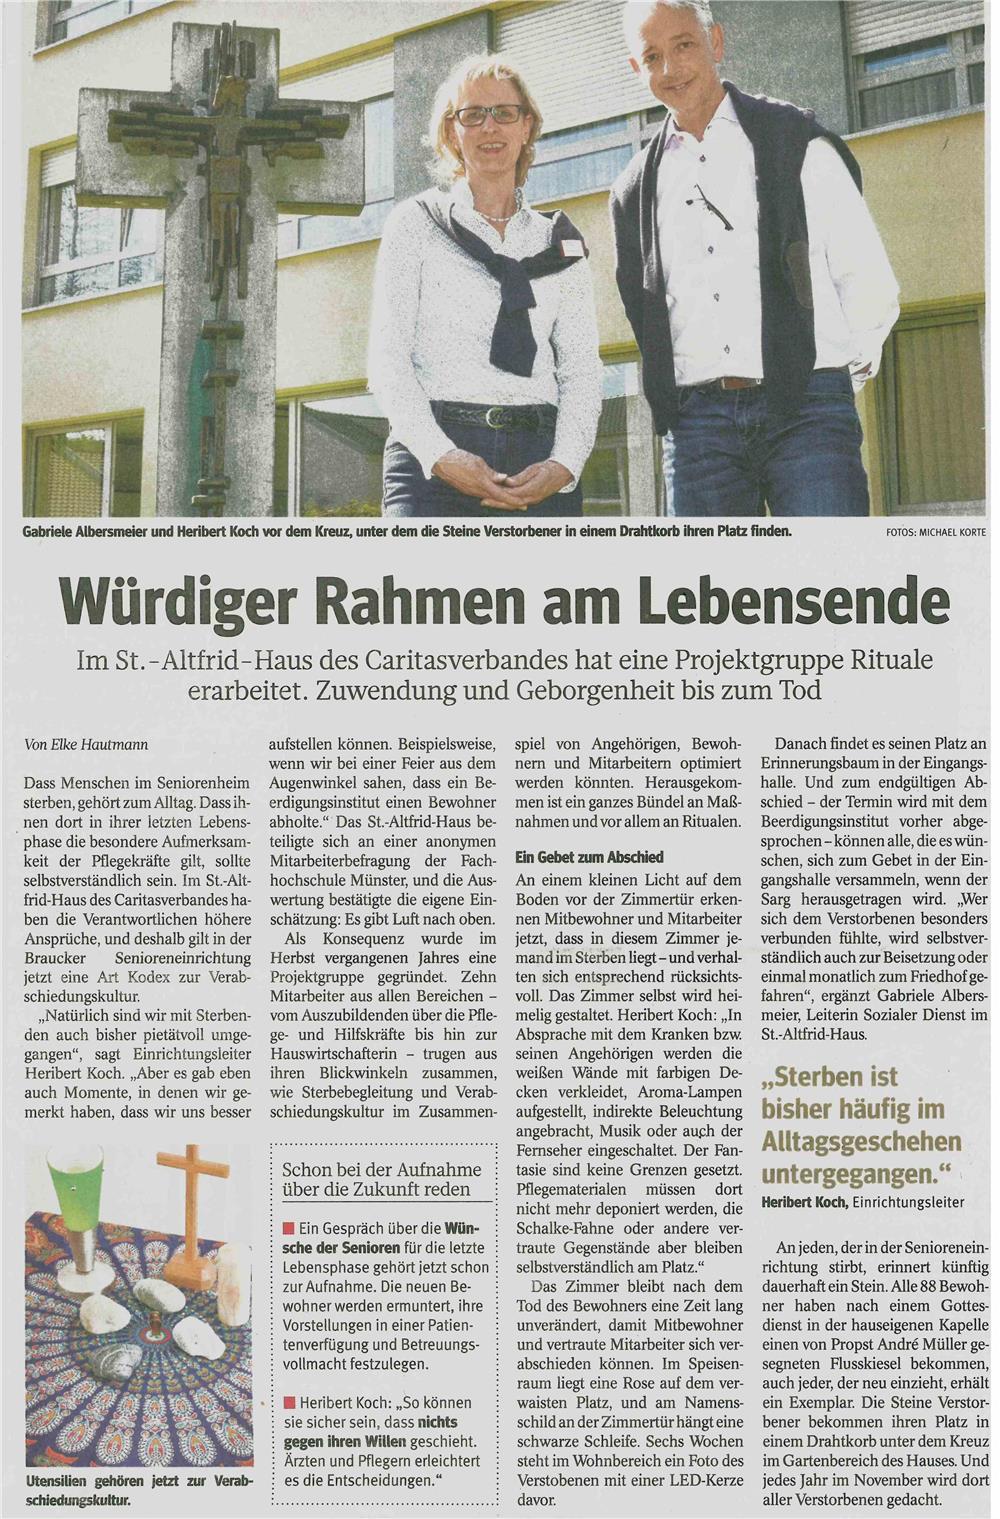 Würdiger Rahmen am Lebensende - Caritas in Gladbeck - Wir helfen leben.